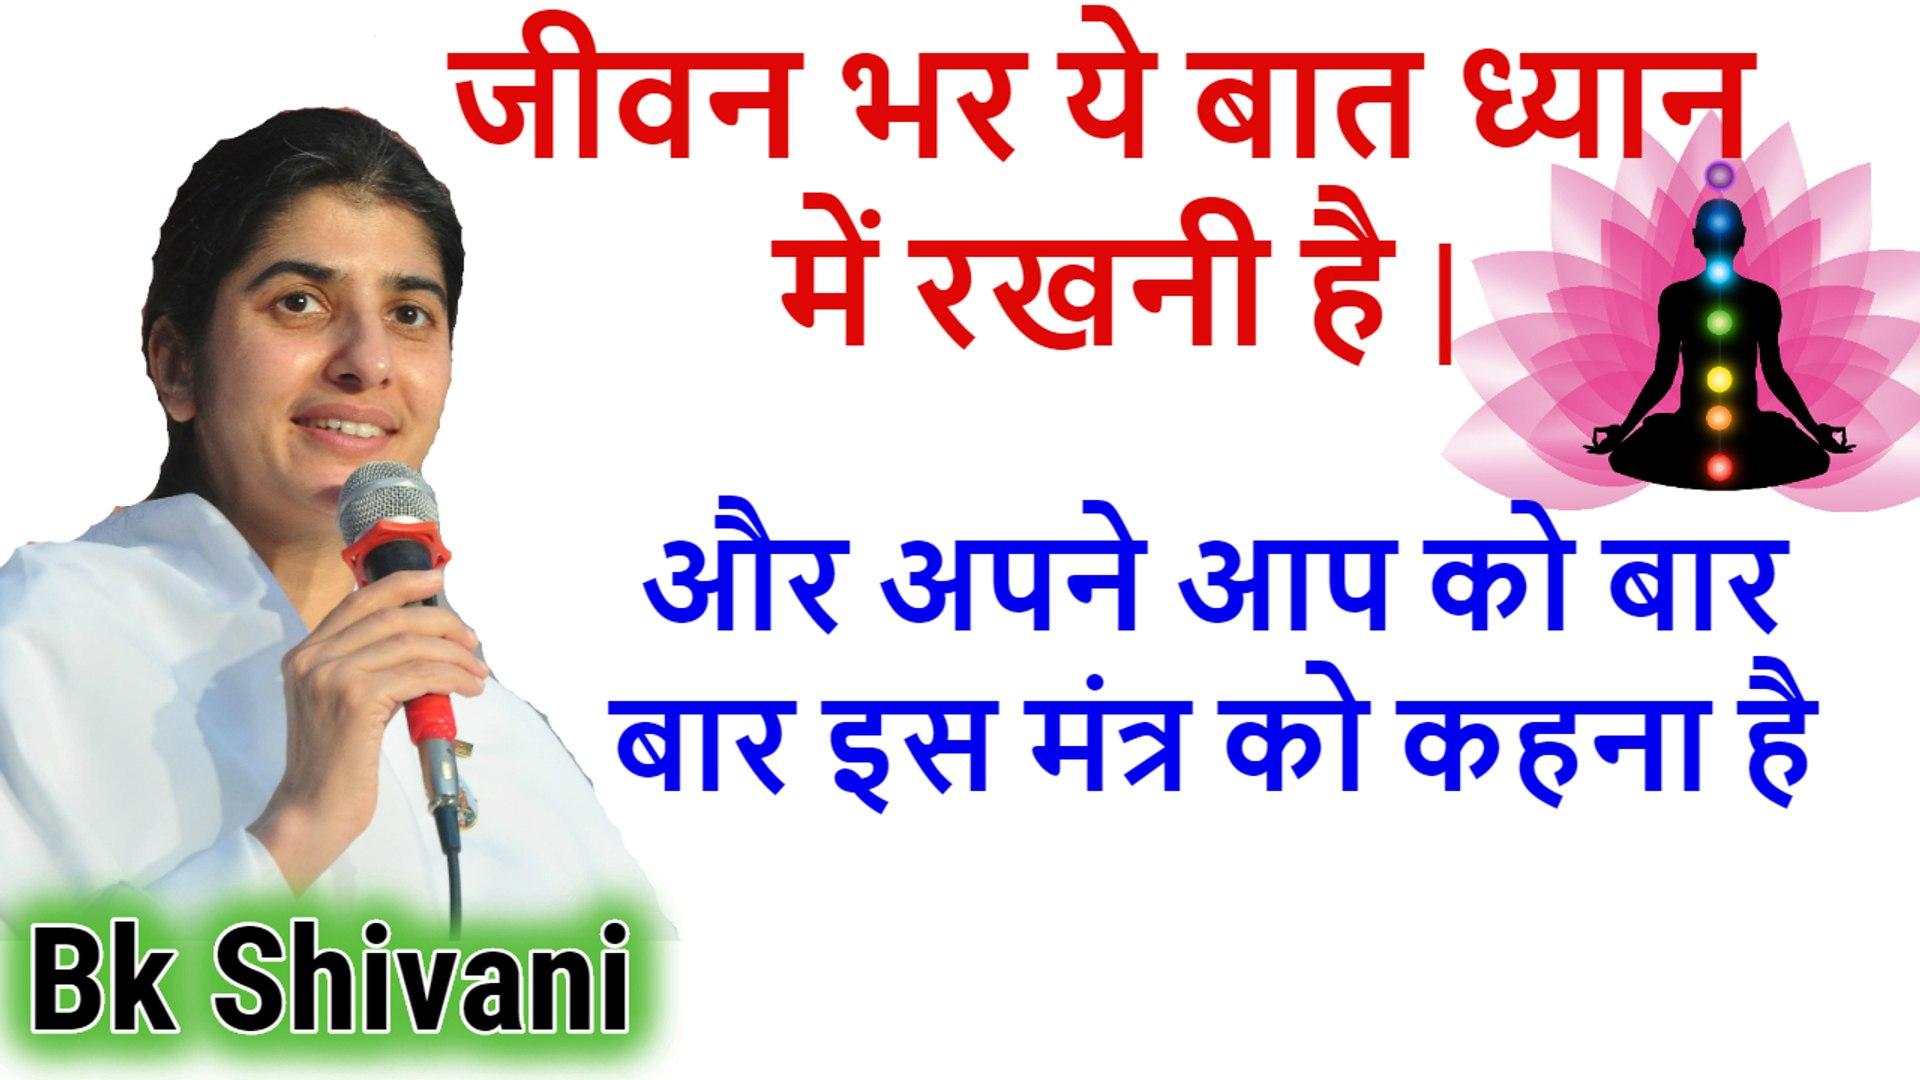 जीवन भर ये बात ध्यान में रखनी है, Bk Shivani Latest, Bk Shivani Latest  Videos, Bk Shivani Meditation, bk shivani 2018, bk shivani speech, sister  shivani speech, brahma kumari shivani, bk shivani,